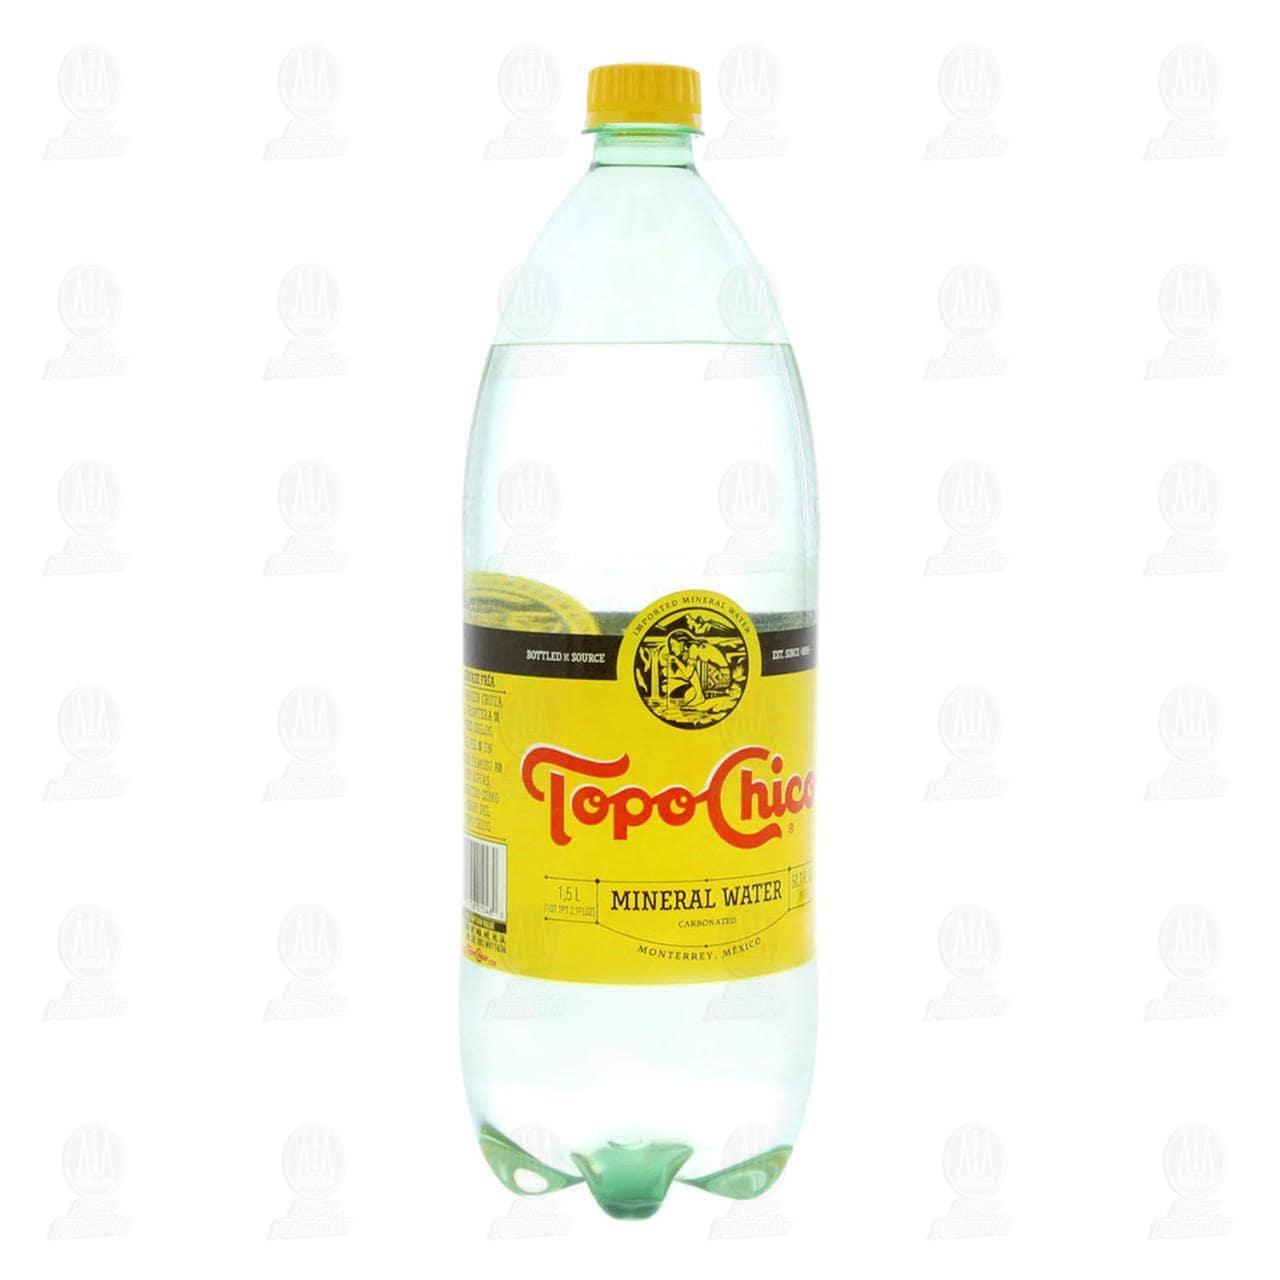 Agua Mineral Topo Chico, 1.5 l.